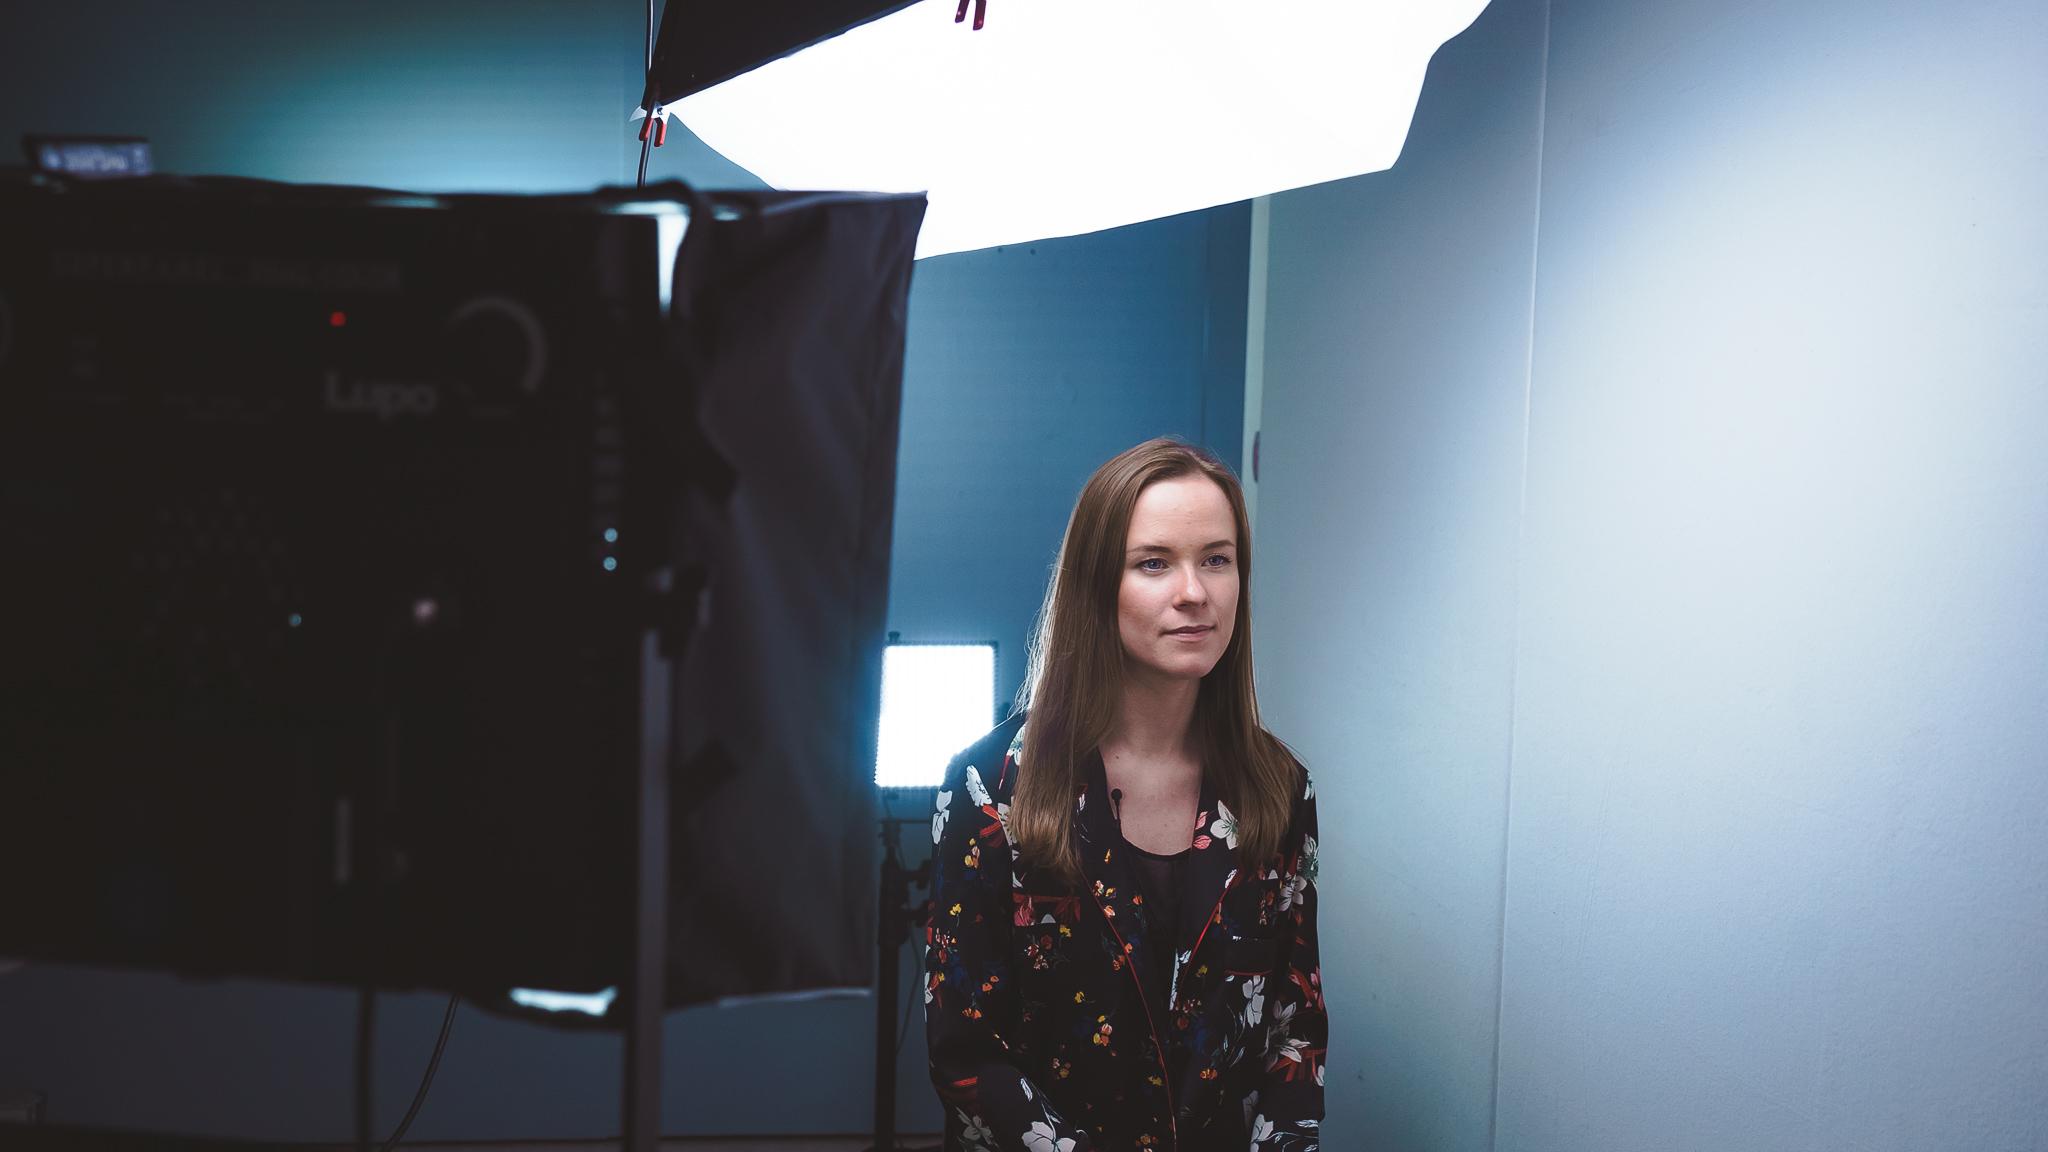 Dame med brunt hår og blomstrete blazer som blir tatt bilde av i Avia produksjon sitt studio